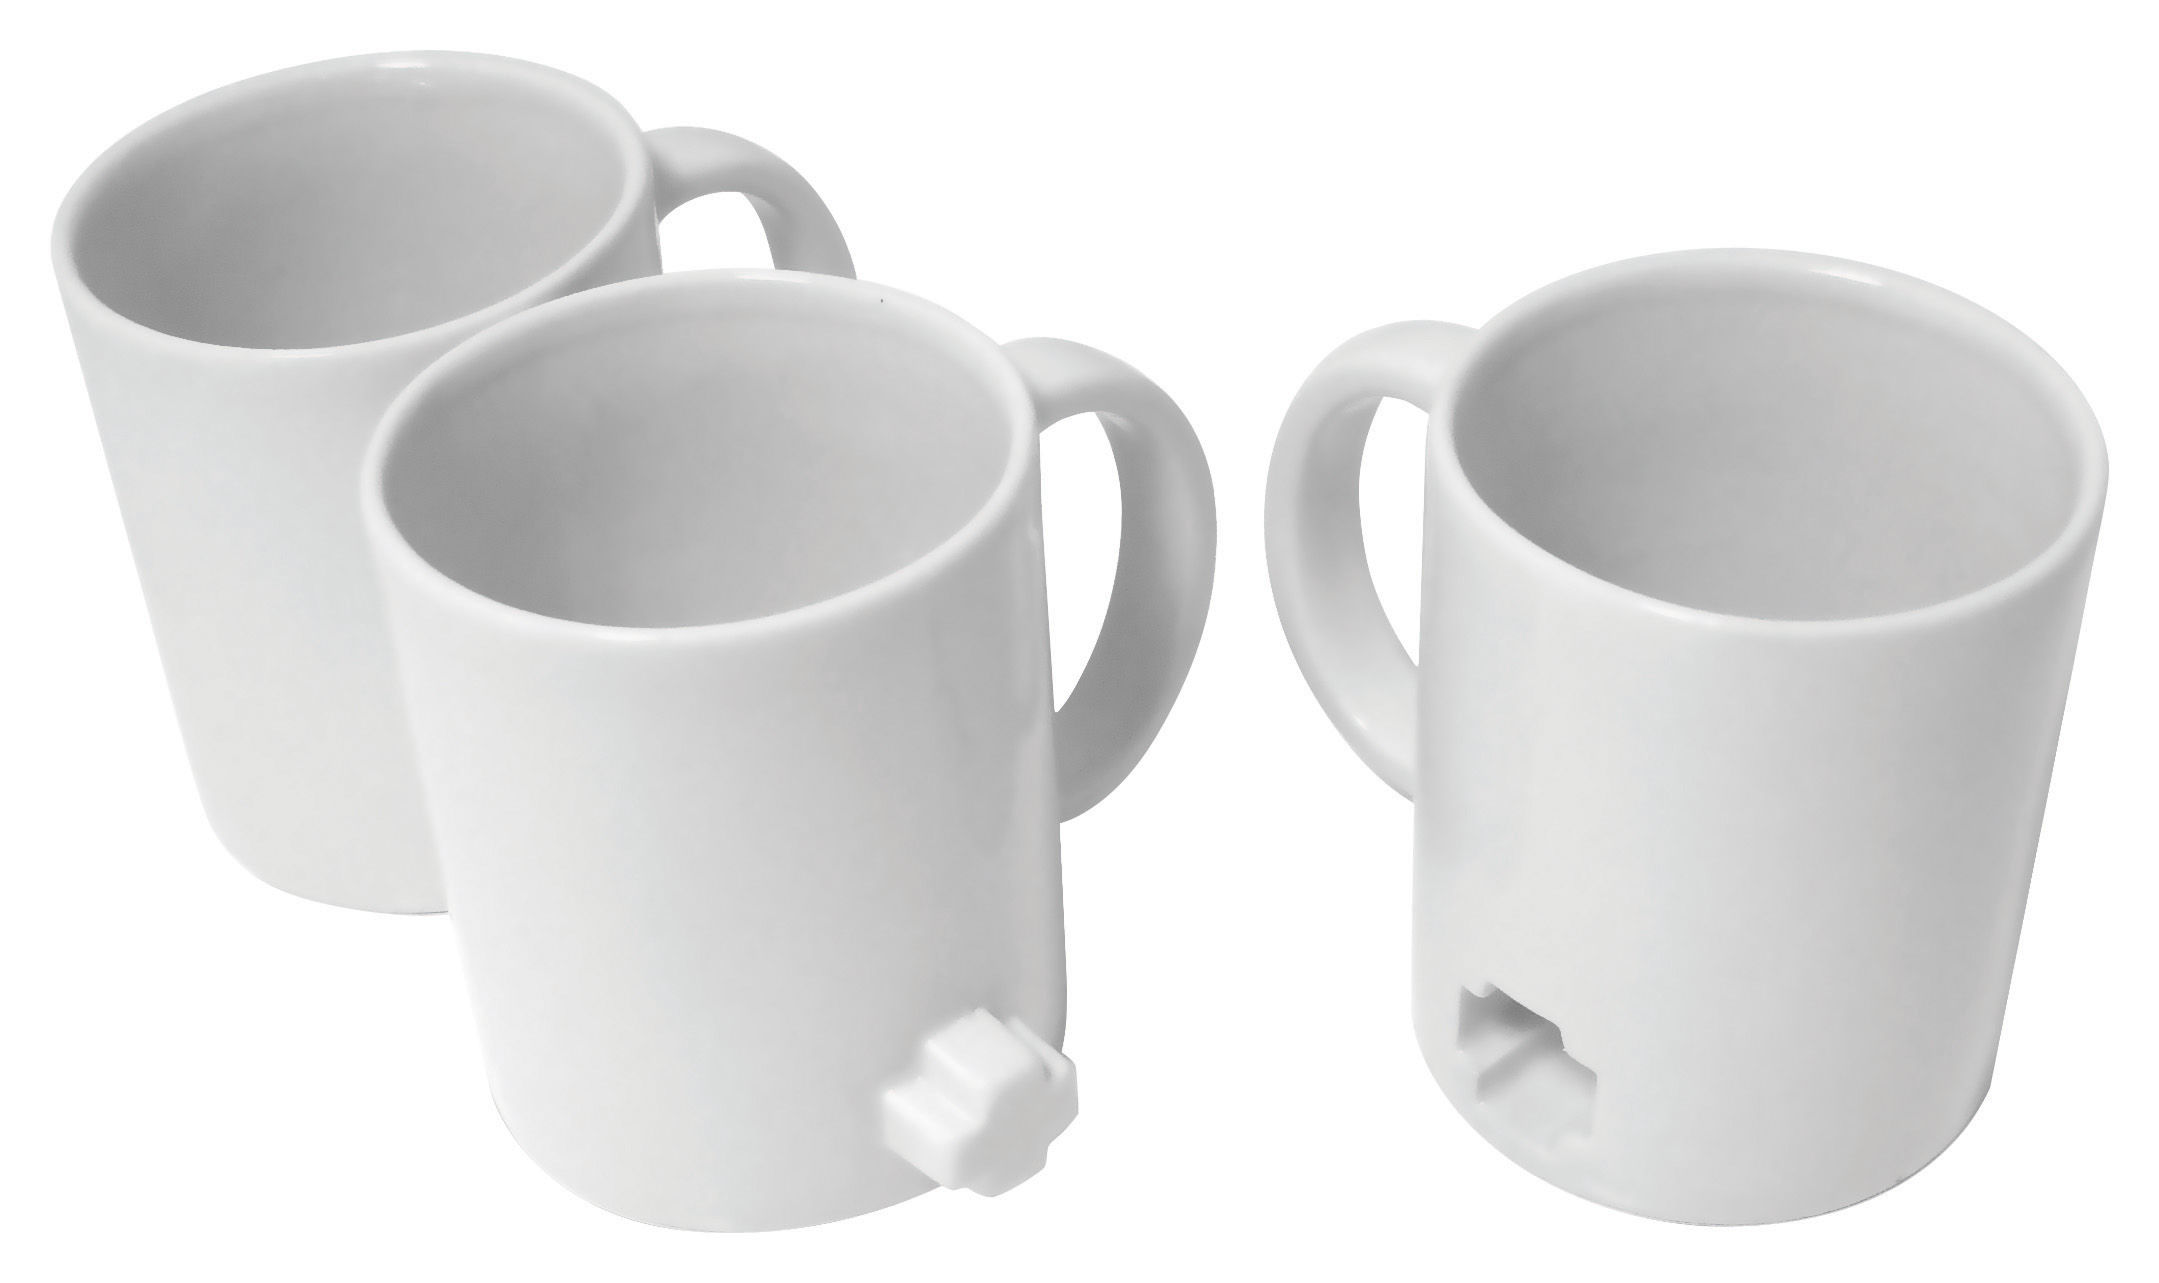 Tavola - Tazze e Boccali - Tazza Link mugs - confezione da 3 di Thelermont Hupton - Bianco - Argilla cotta